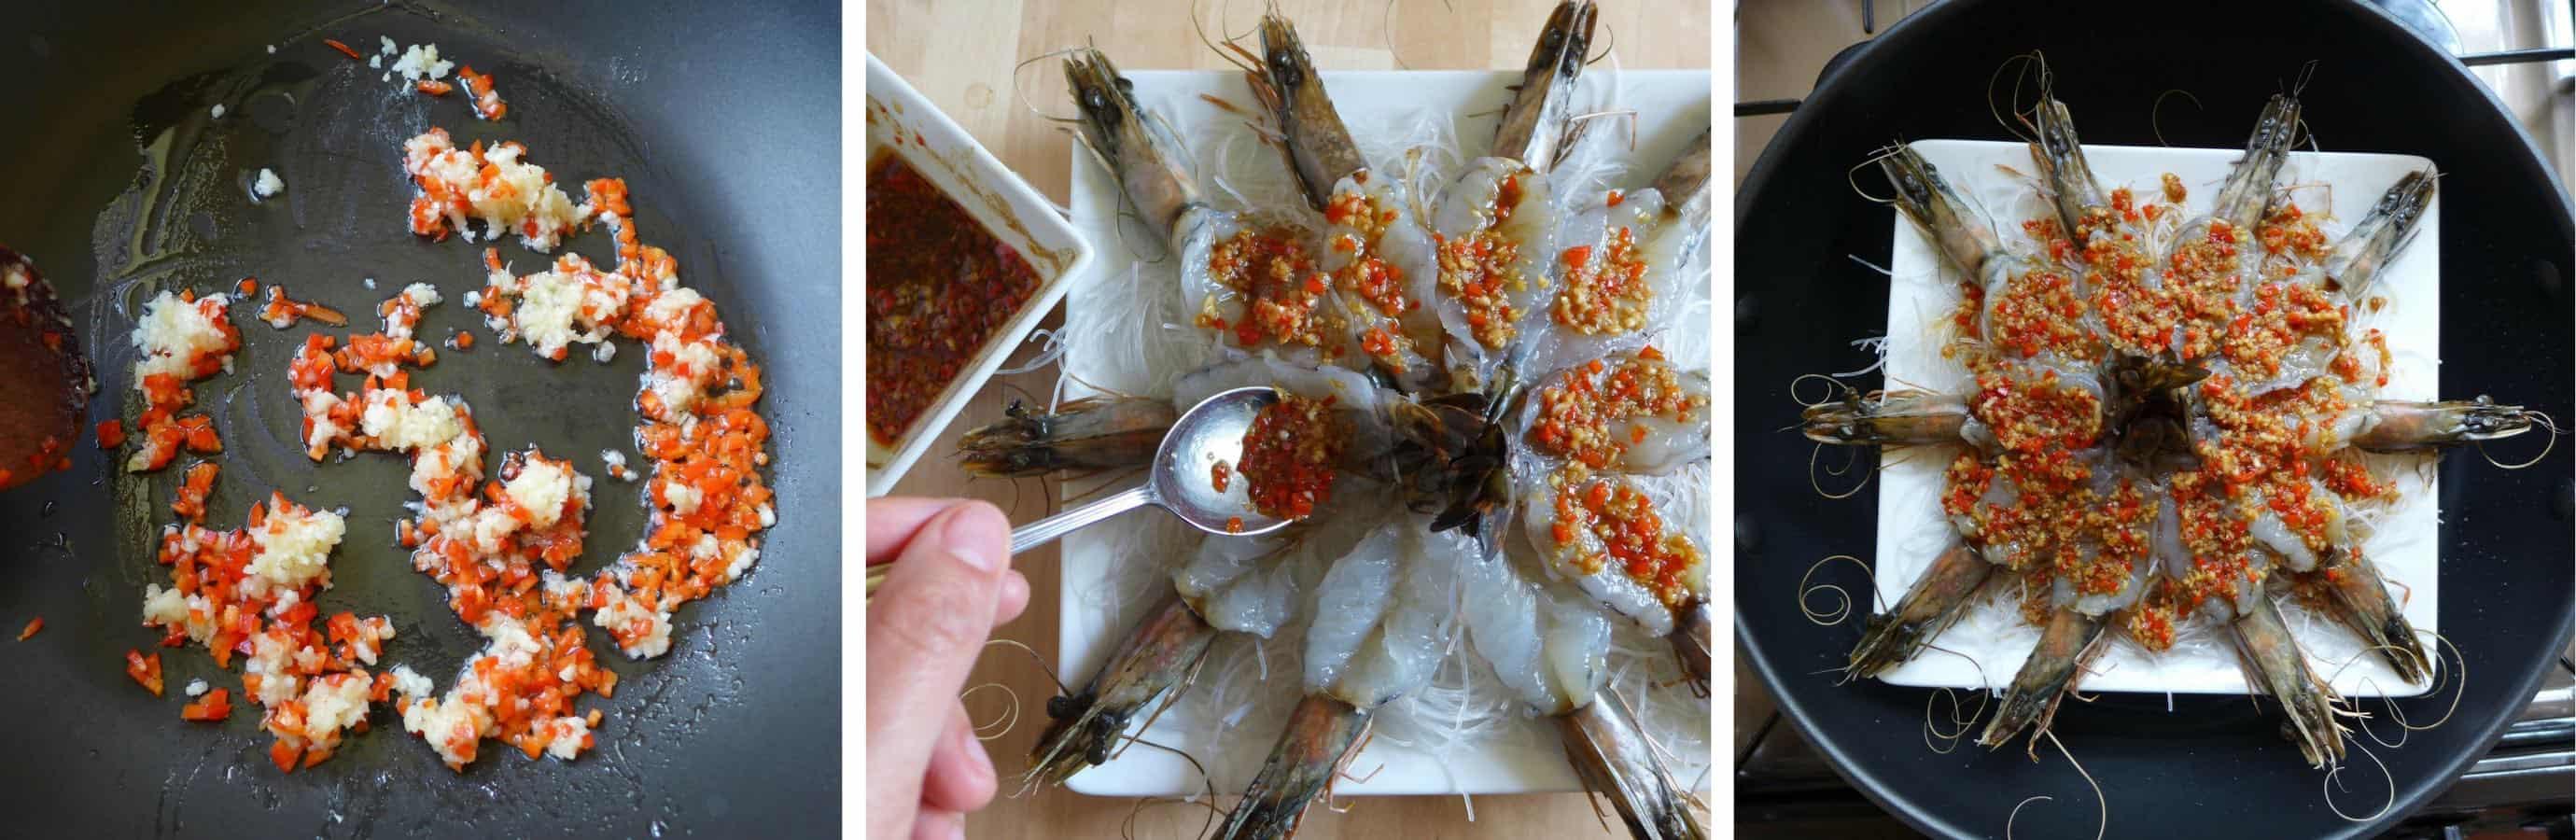 Putting seasoning onto prawns for steaming